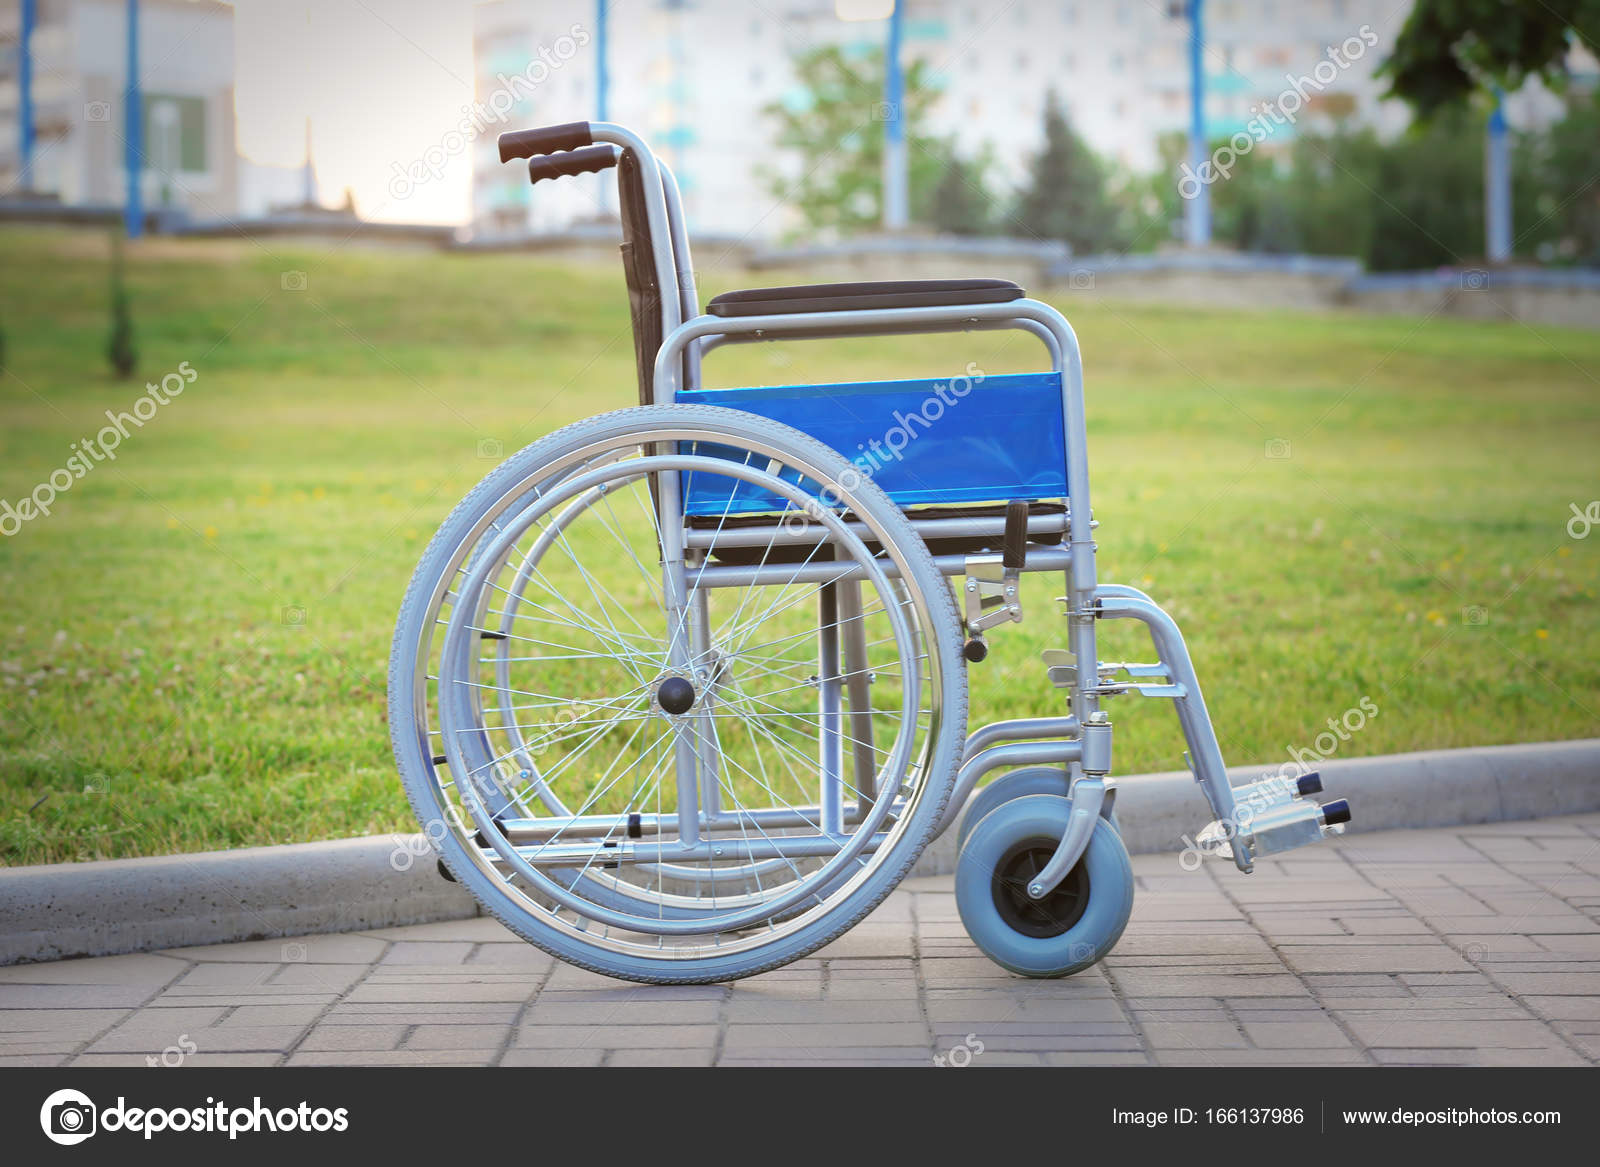 Silla de ruedas en parque verde foto de stock belchonock 166137986 - Tamano silla de ruedas ...